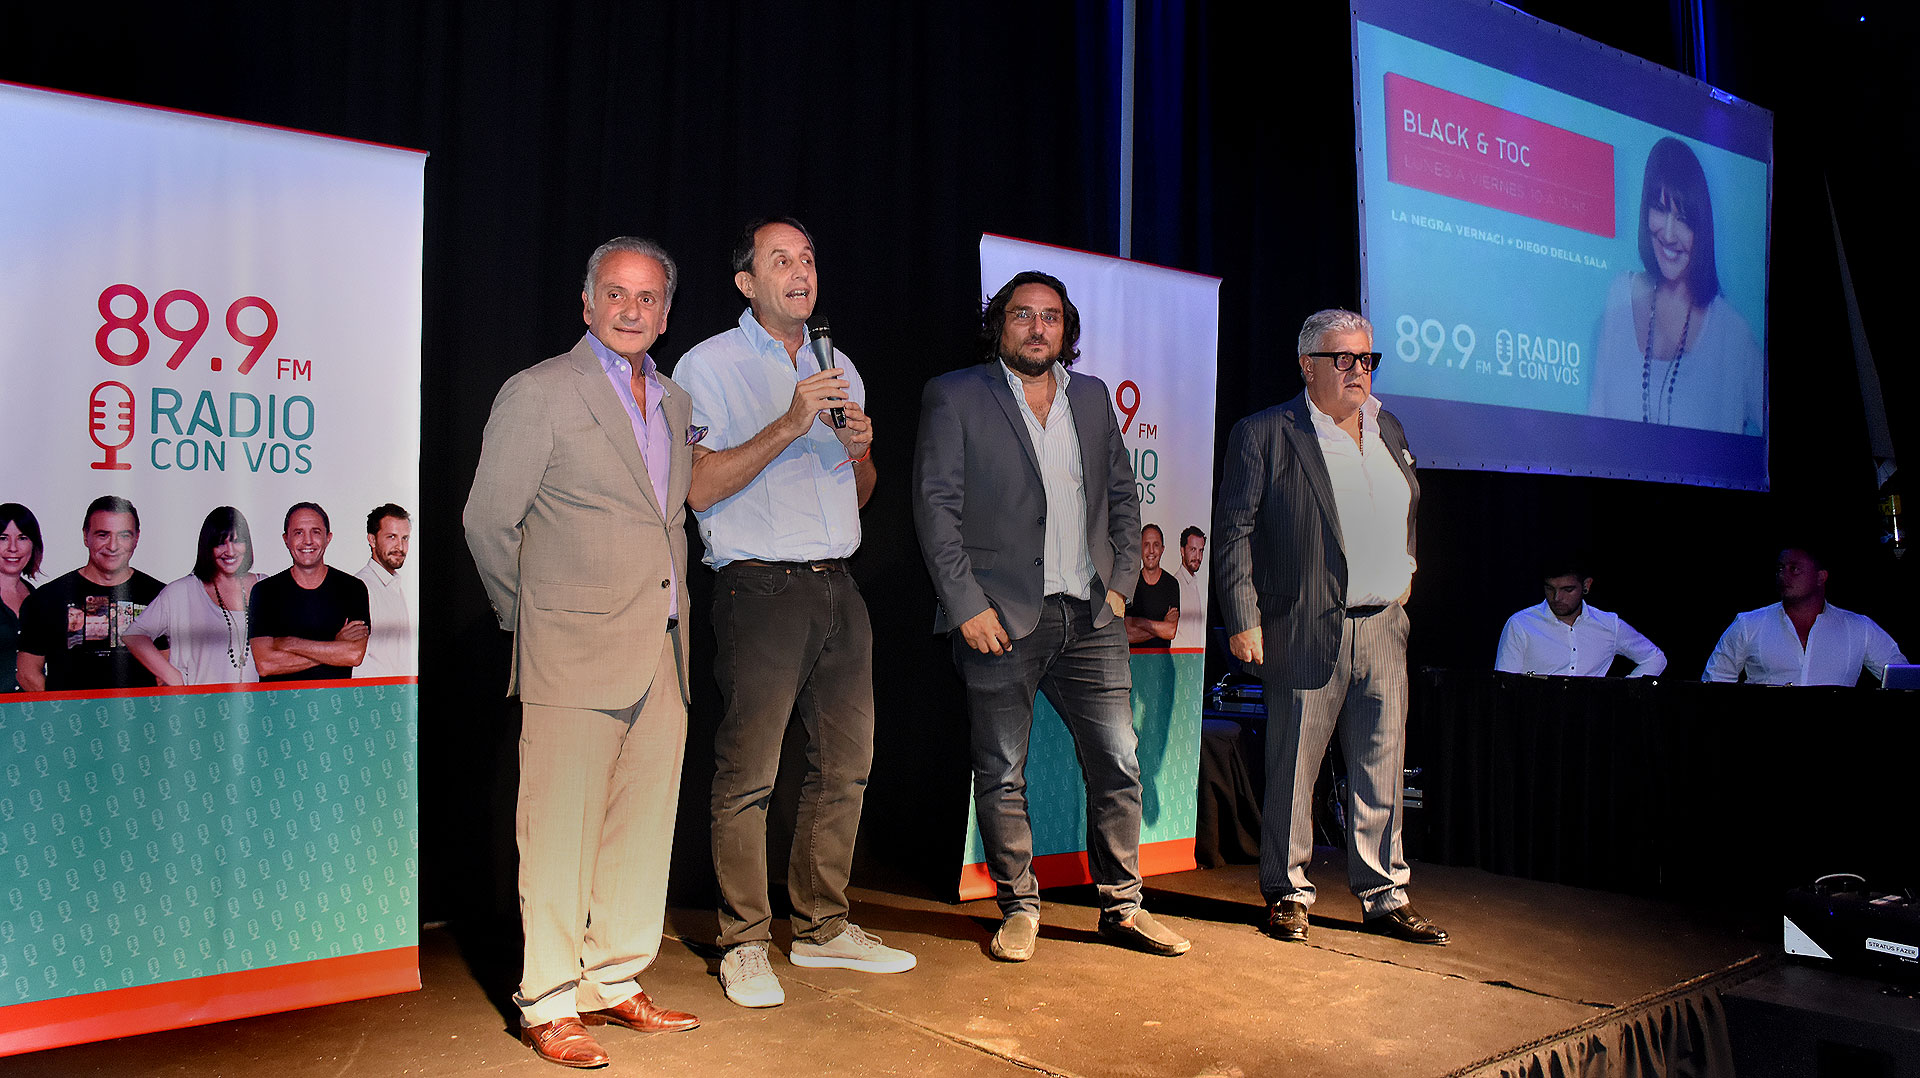 Beto Vijnovsky, Ernesto Tenembaum, Martín Kweller y Carlos Gorosito